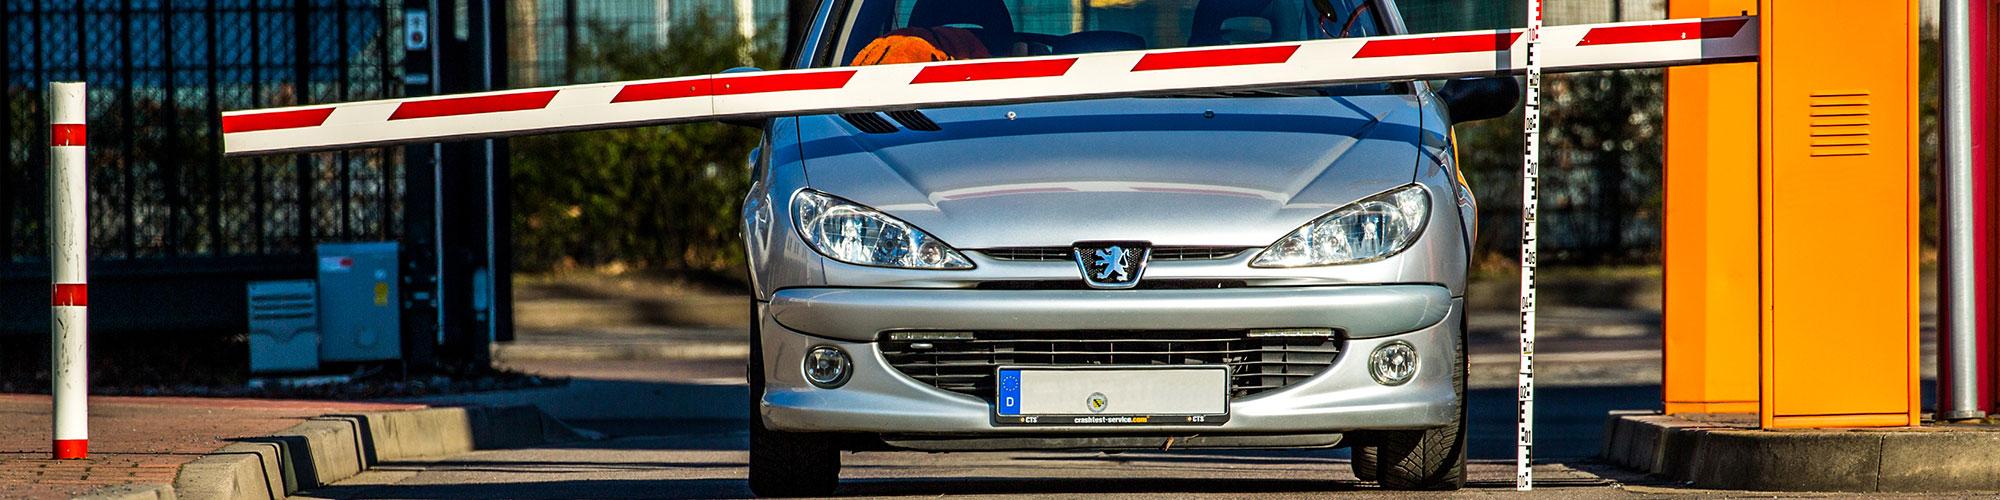 Ein Auto steht vor einer Schranke und ragt mit der Motorhaube uter der Schranke hinaus, fotografiert von vorn